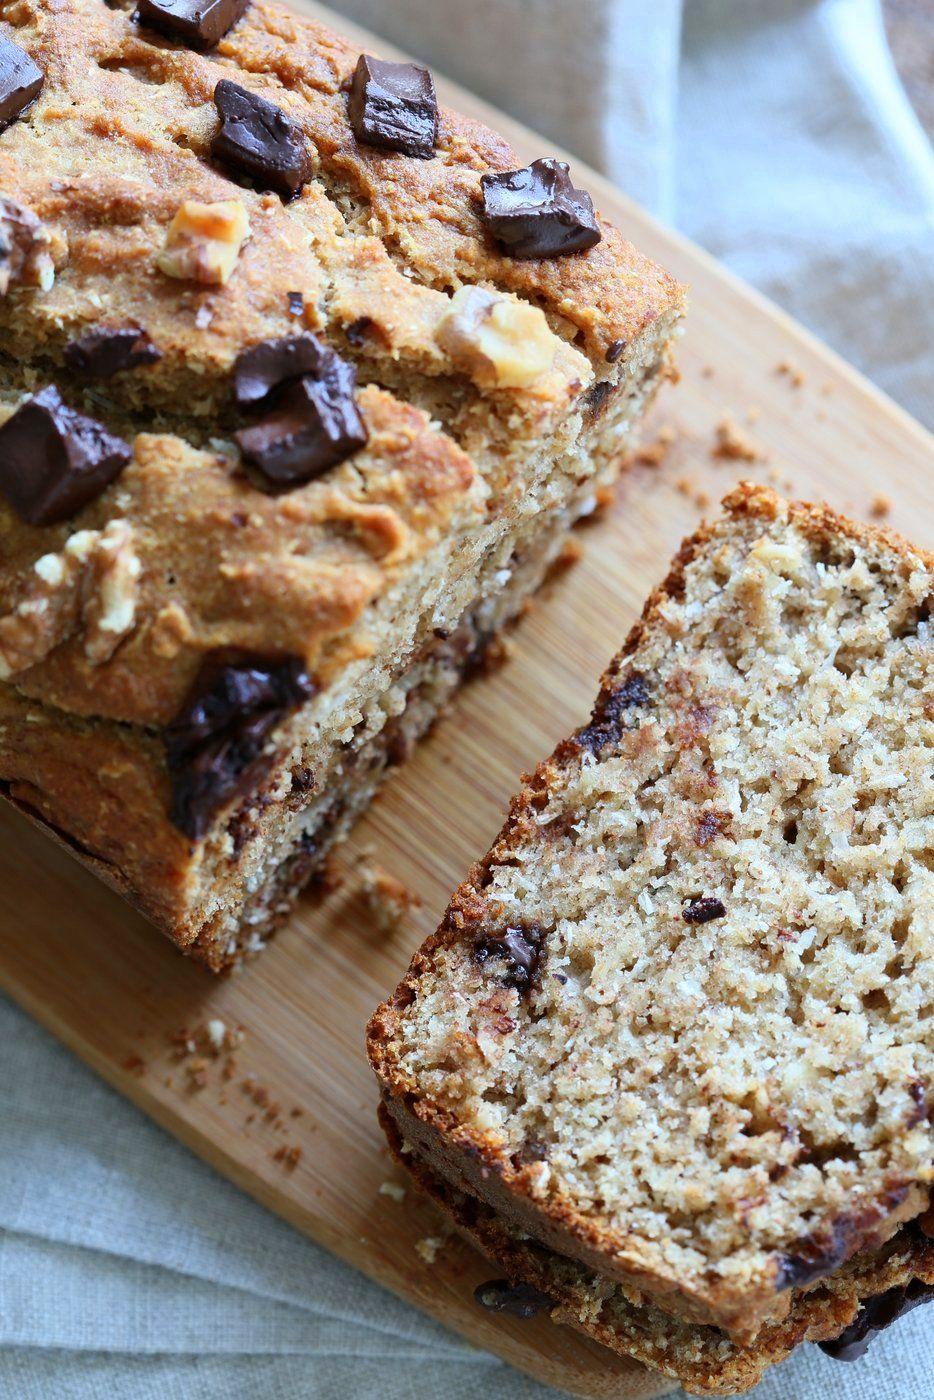 Vegan Banana Bread With Toasted Walnuts And Coconut 1 Bowl Vegan Richa Recipe Vegan Banana Bread Super Moist Banana Bread Banana Walnut Bread